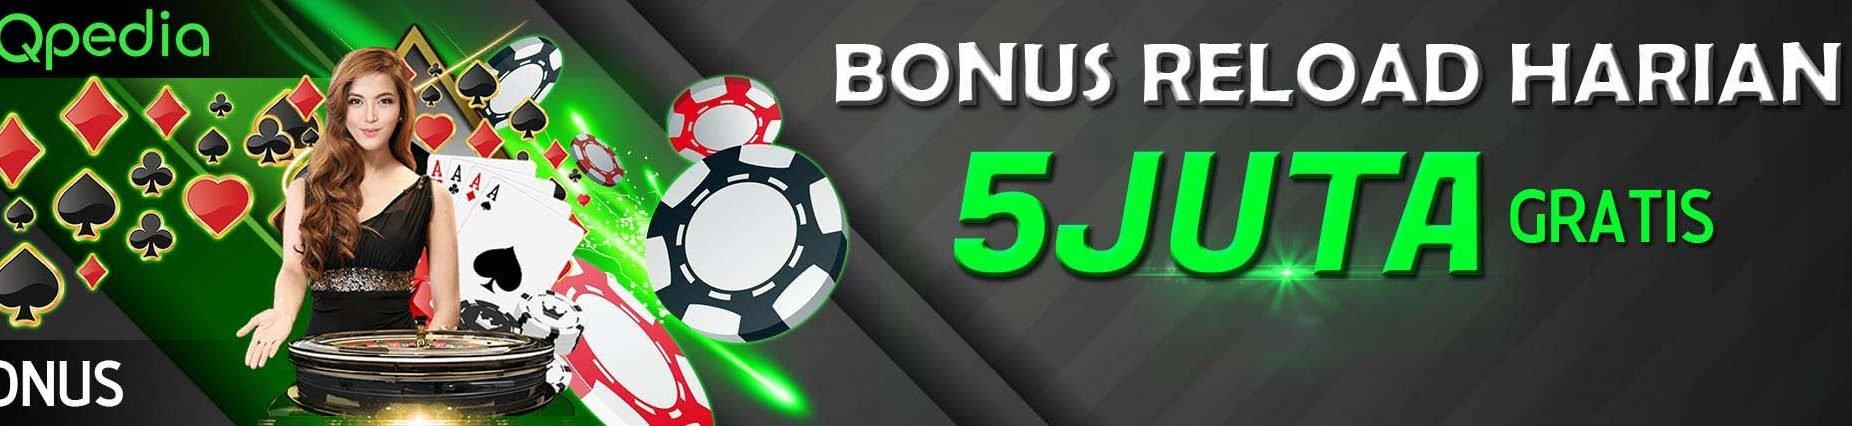 Gratis Bonus 5juta